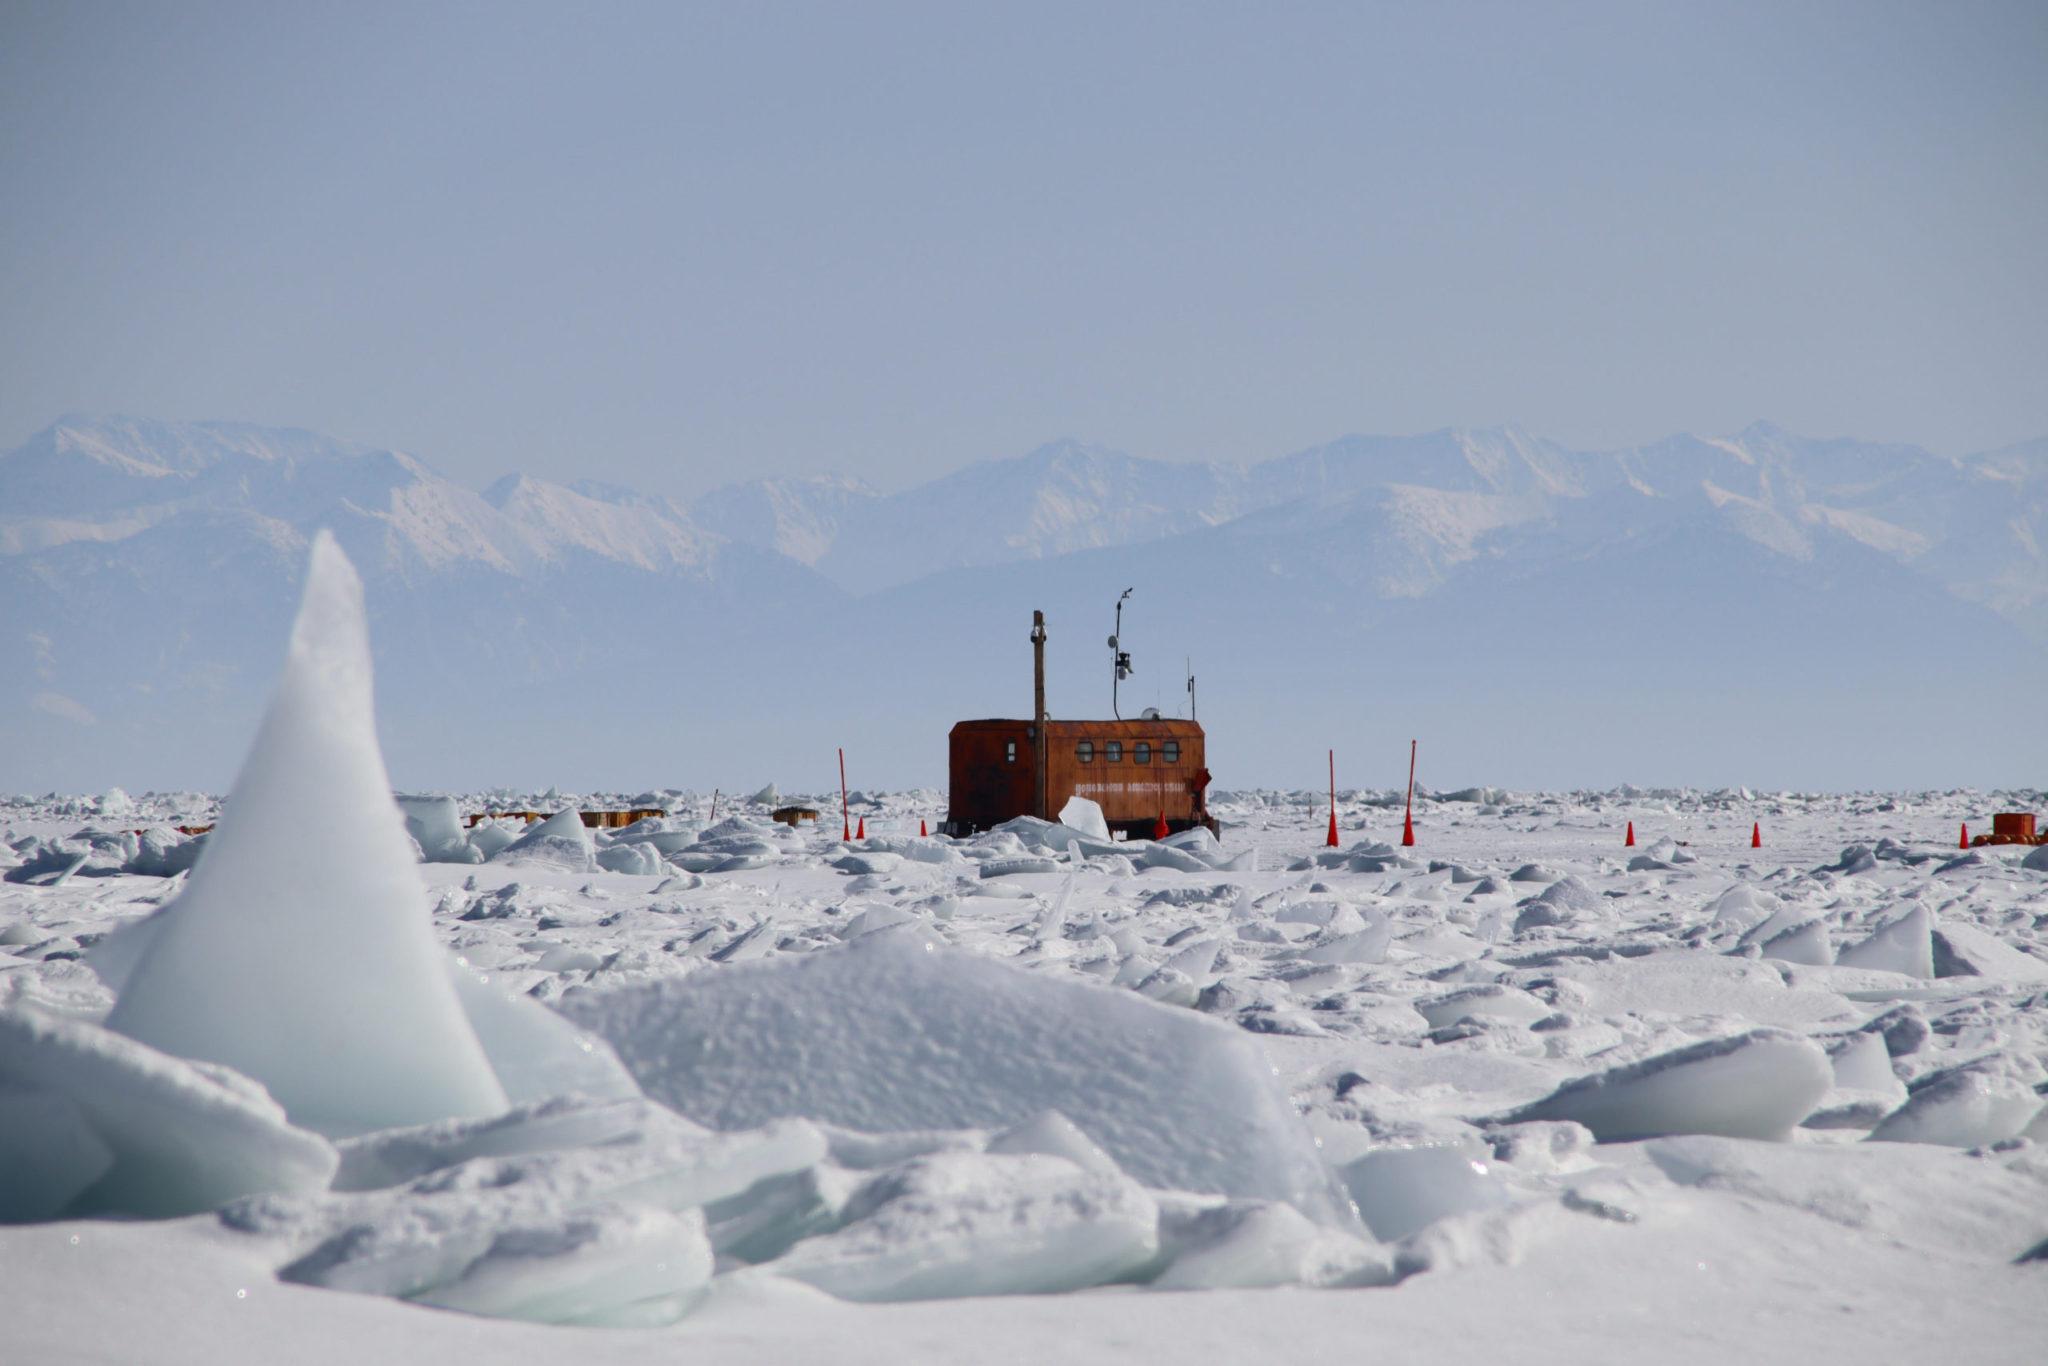 Ледяные торосы на оз. Байкал, образовавшиеся из-за сильного ветра, сломавшего ледяной покров водоема. За все 40 лет байкальских экспедиций исследователи столкнулись с таким явлением впервые. Фото Б. Шайбонова (ОИЯИ)